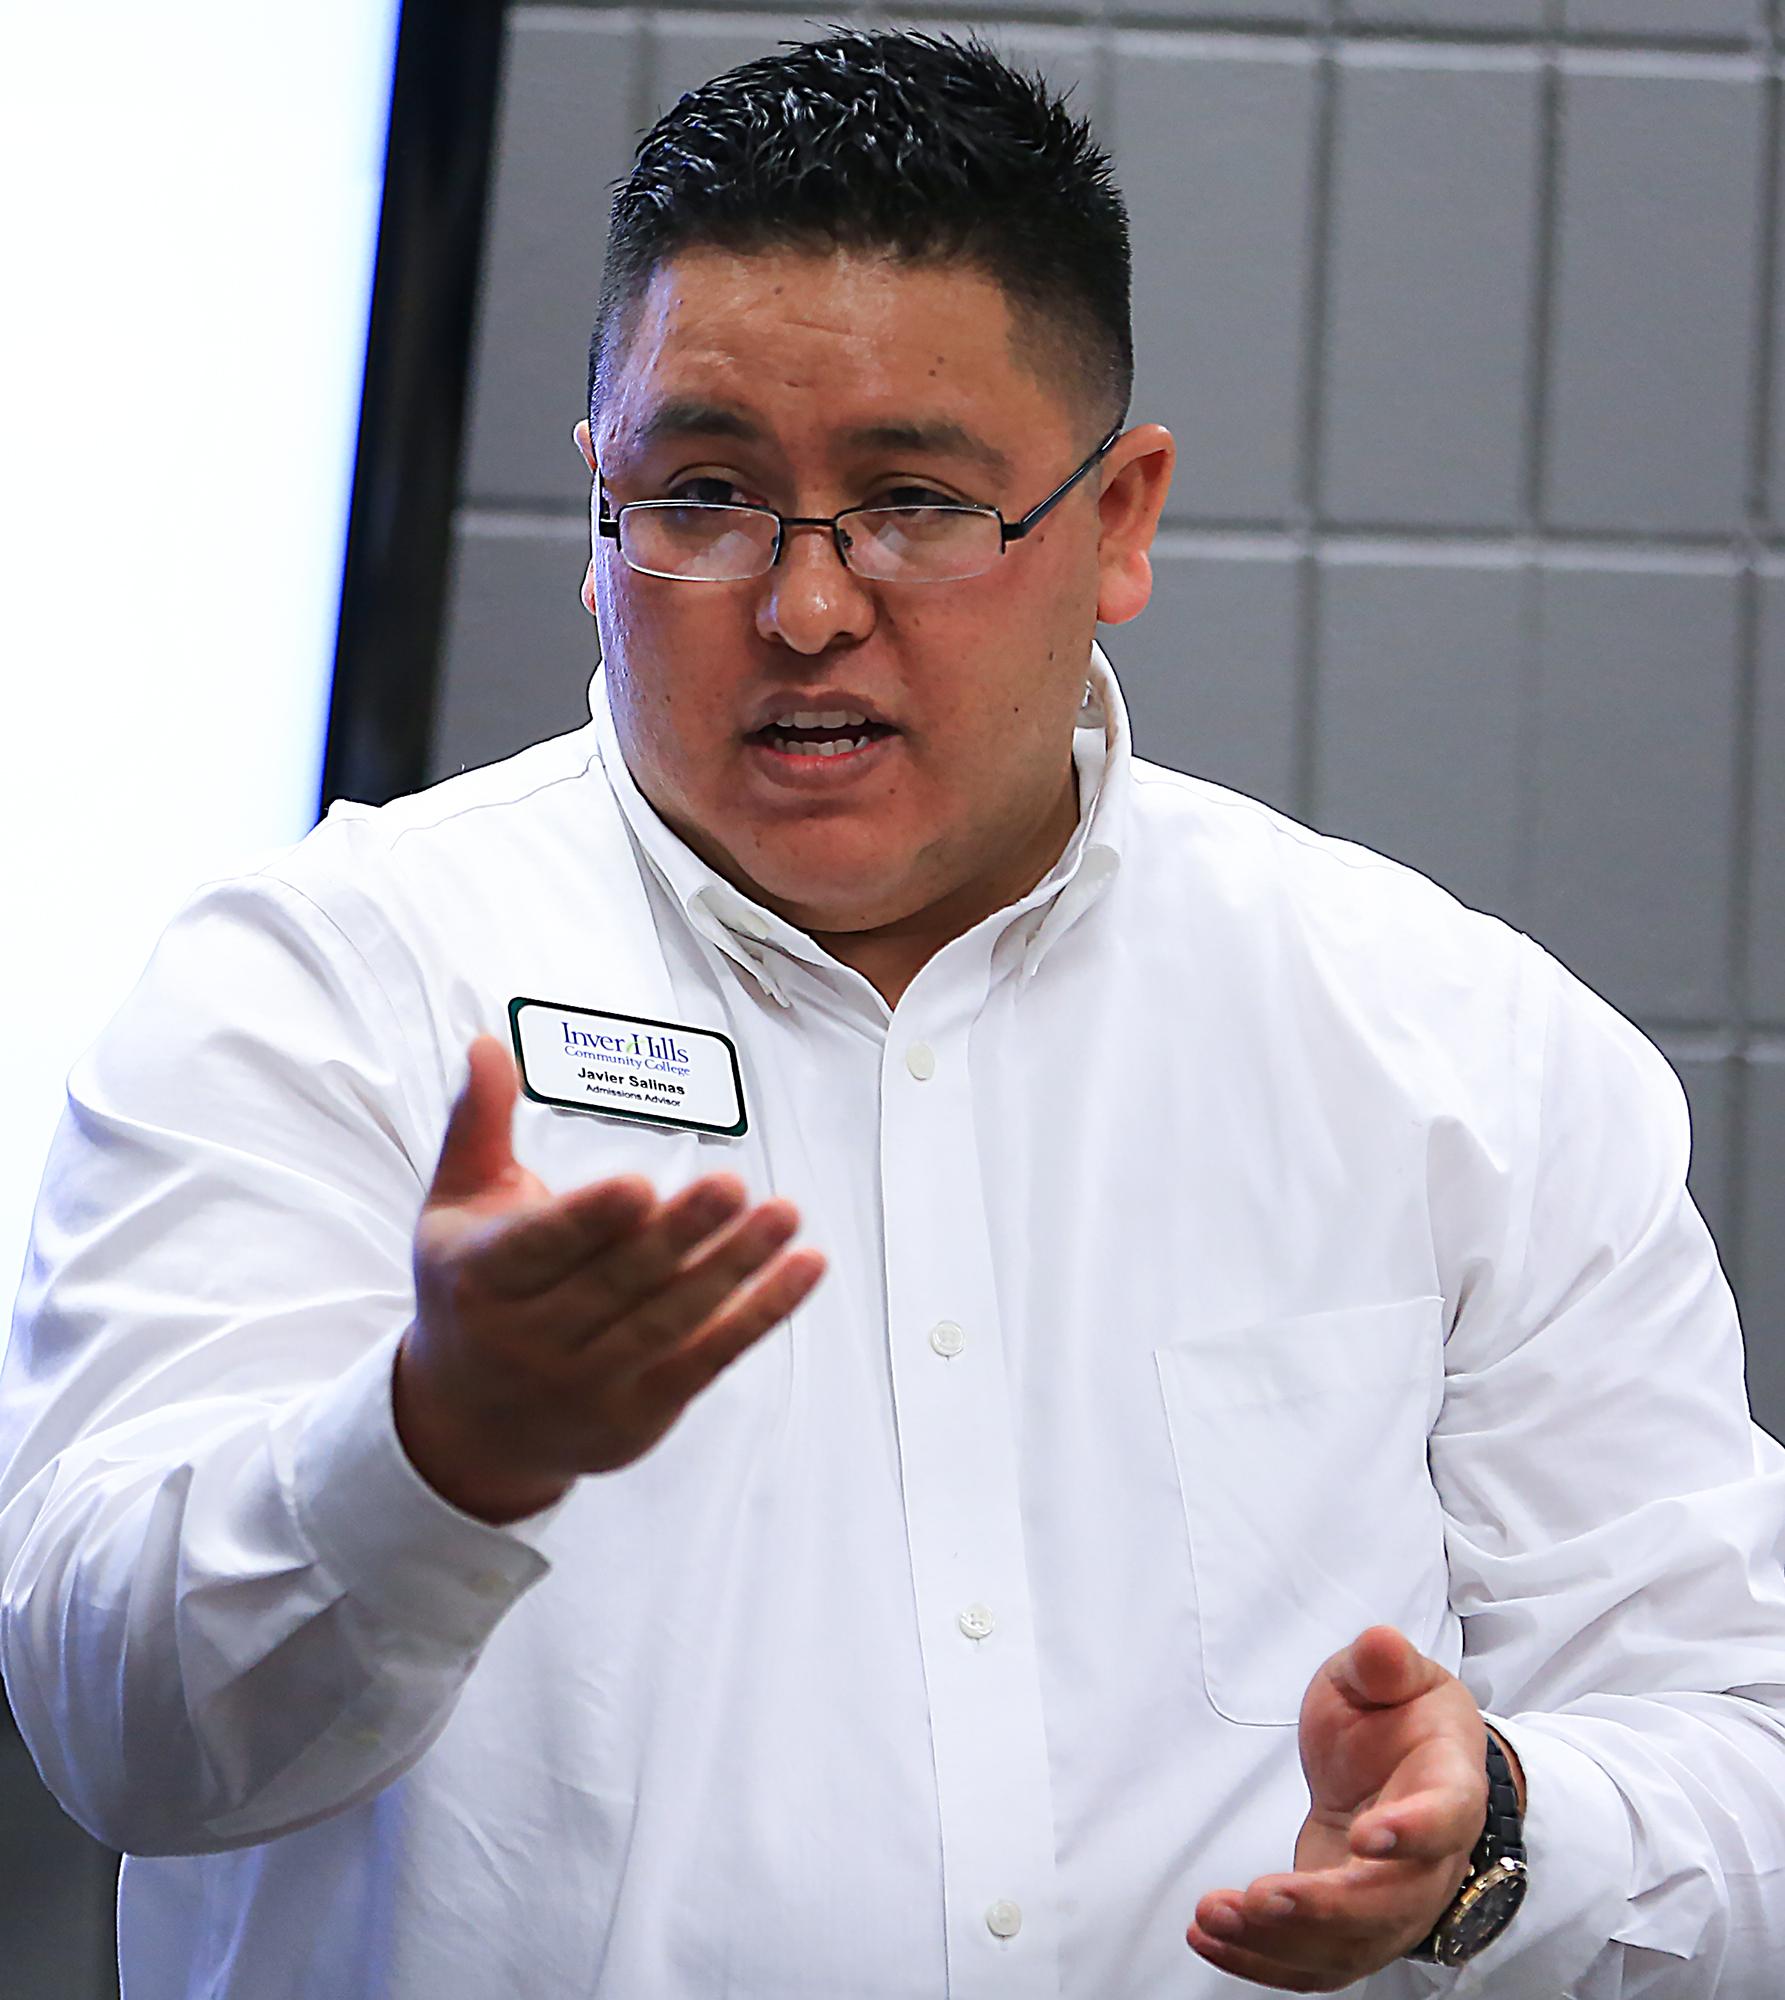 Javier Salinas Vega